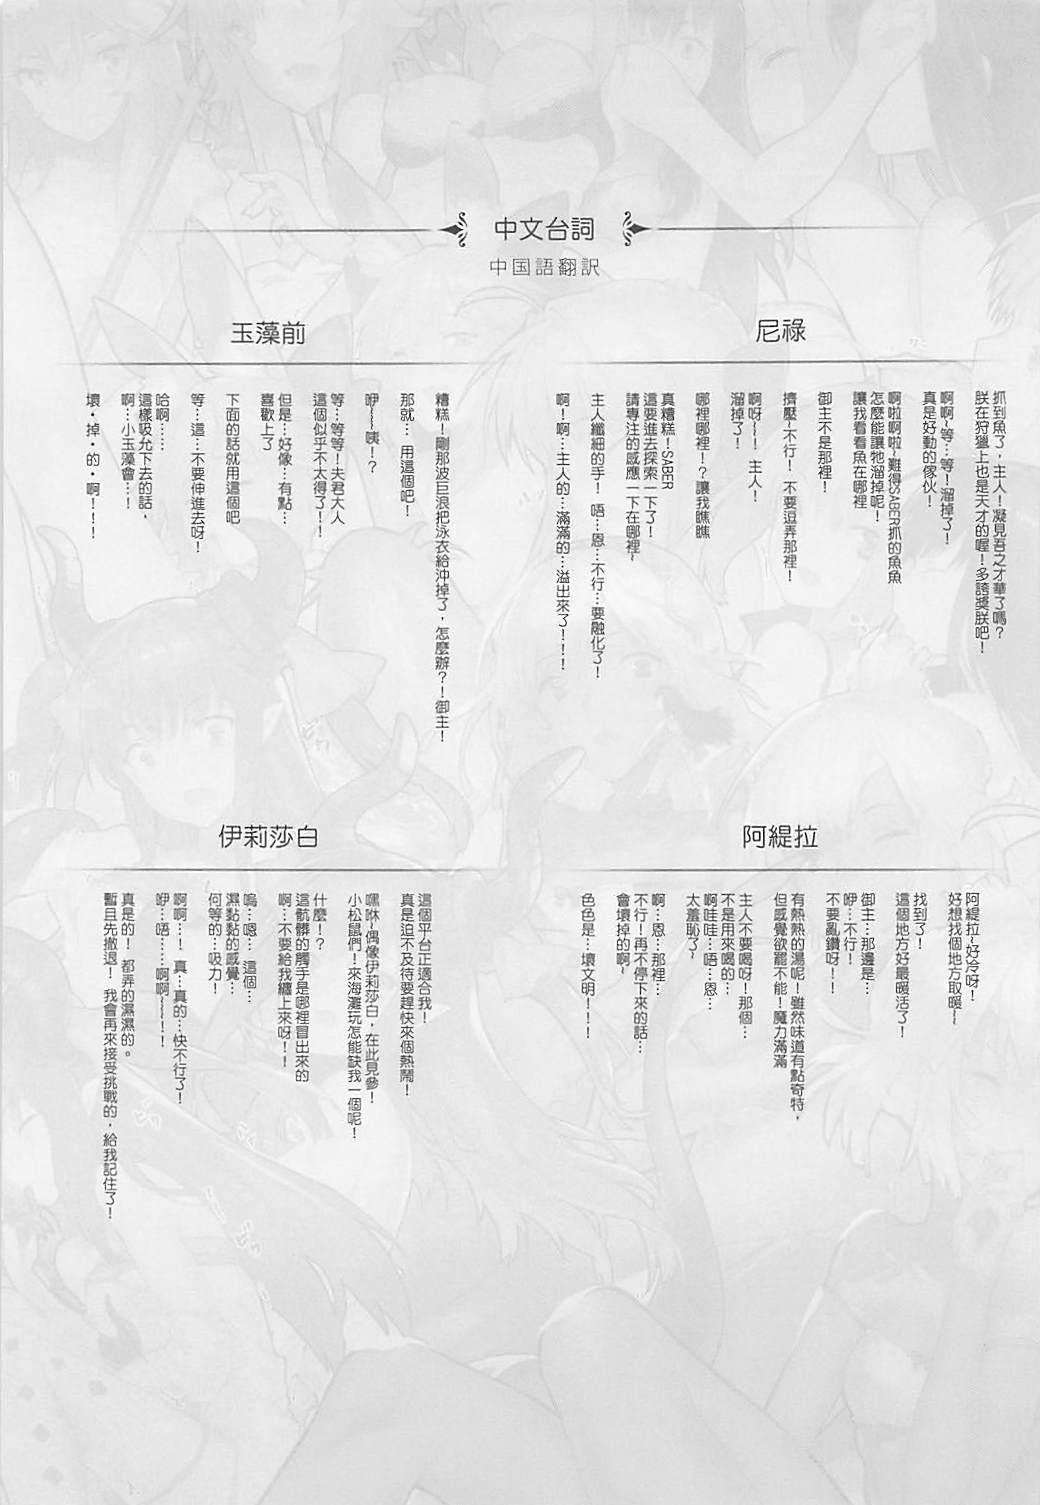 Fate/SUNSHINE 19